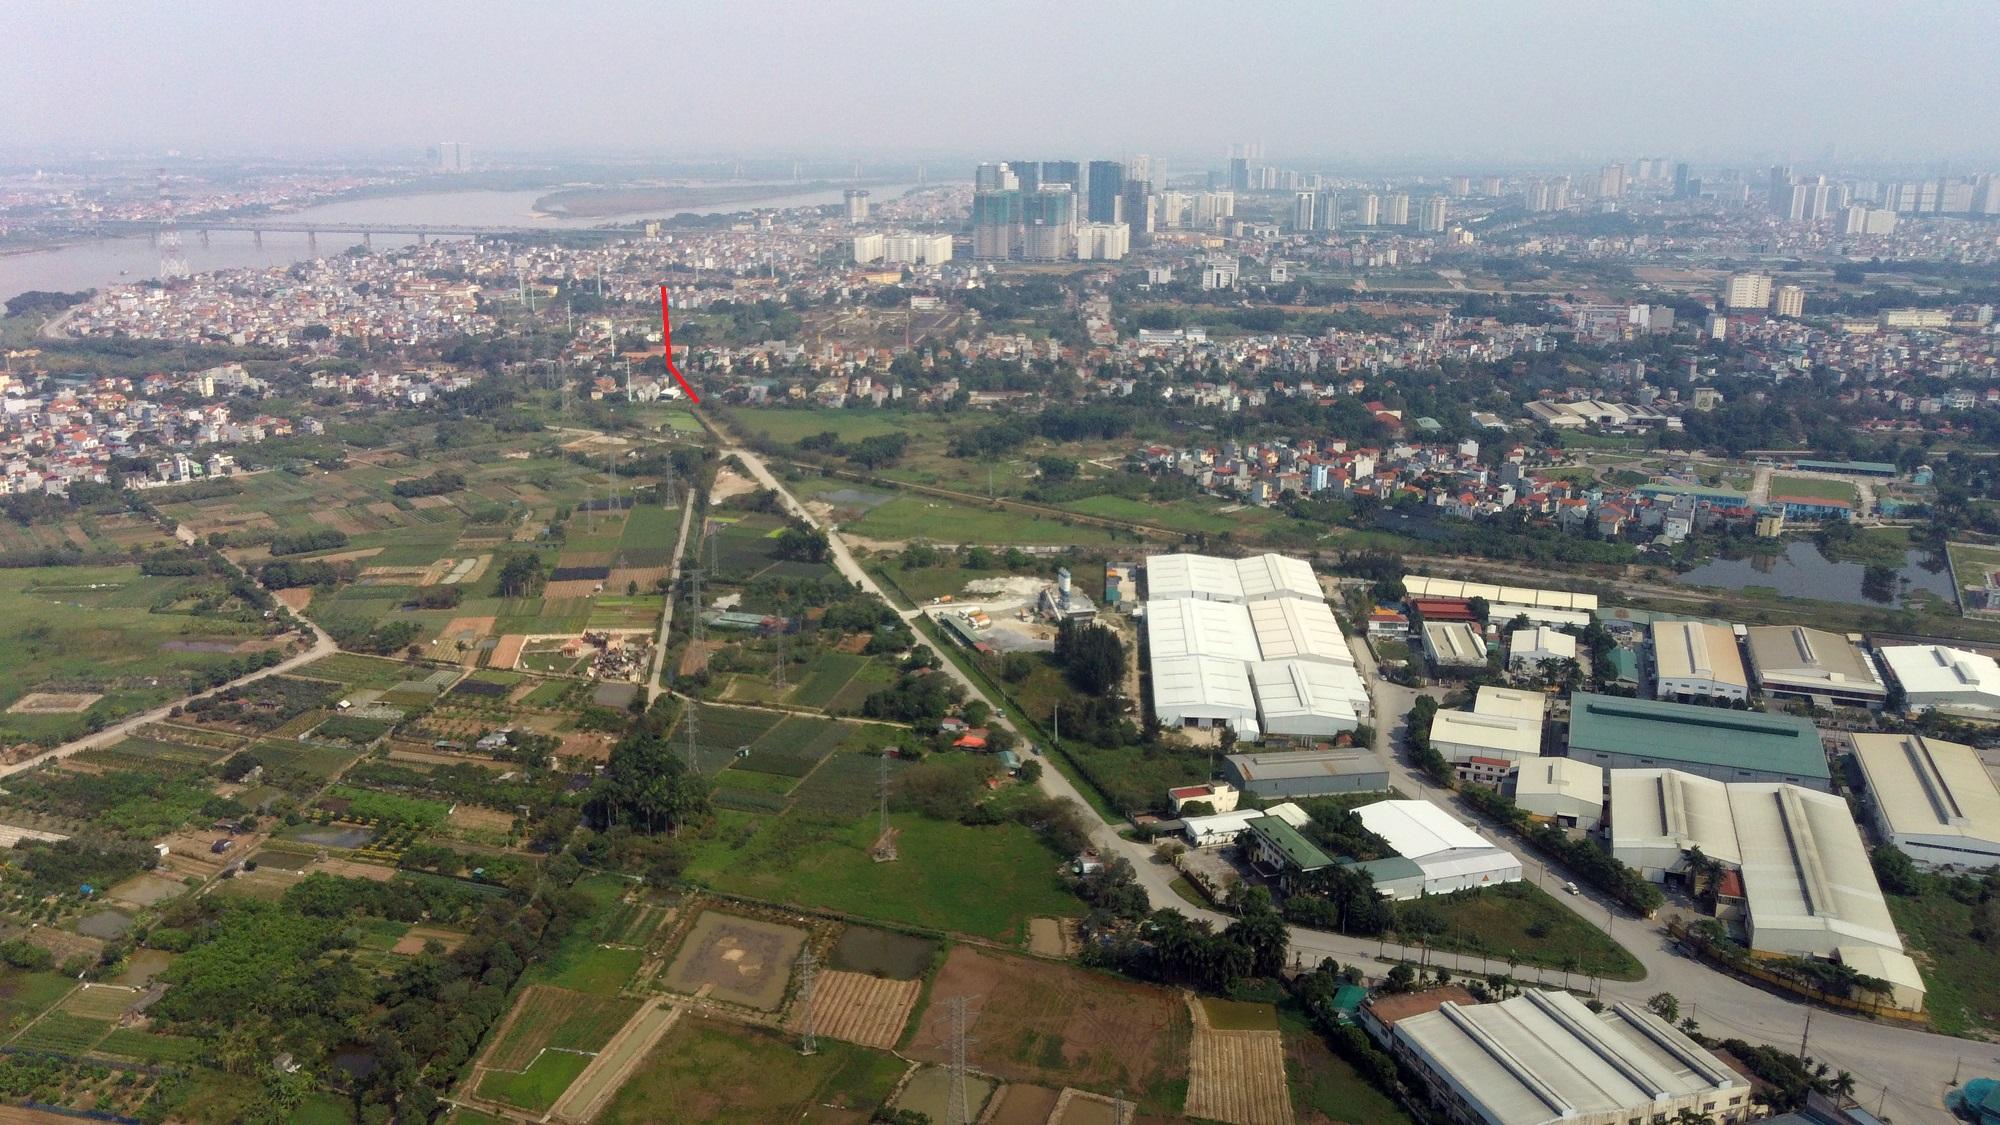 đường sẽ mở theo qui hoạch ở phường Thụy Phương, Bắc Từ Liêm - Ảnh 6.